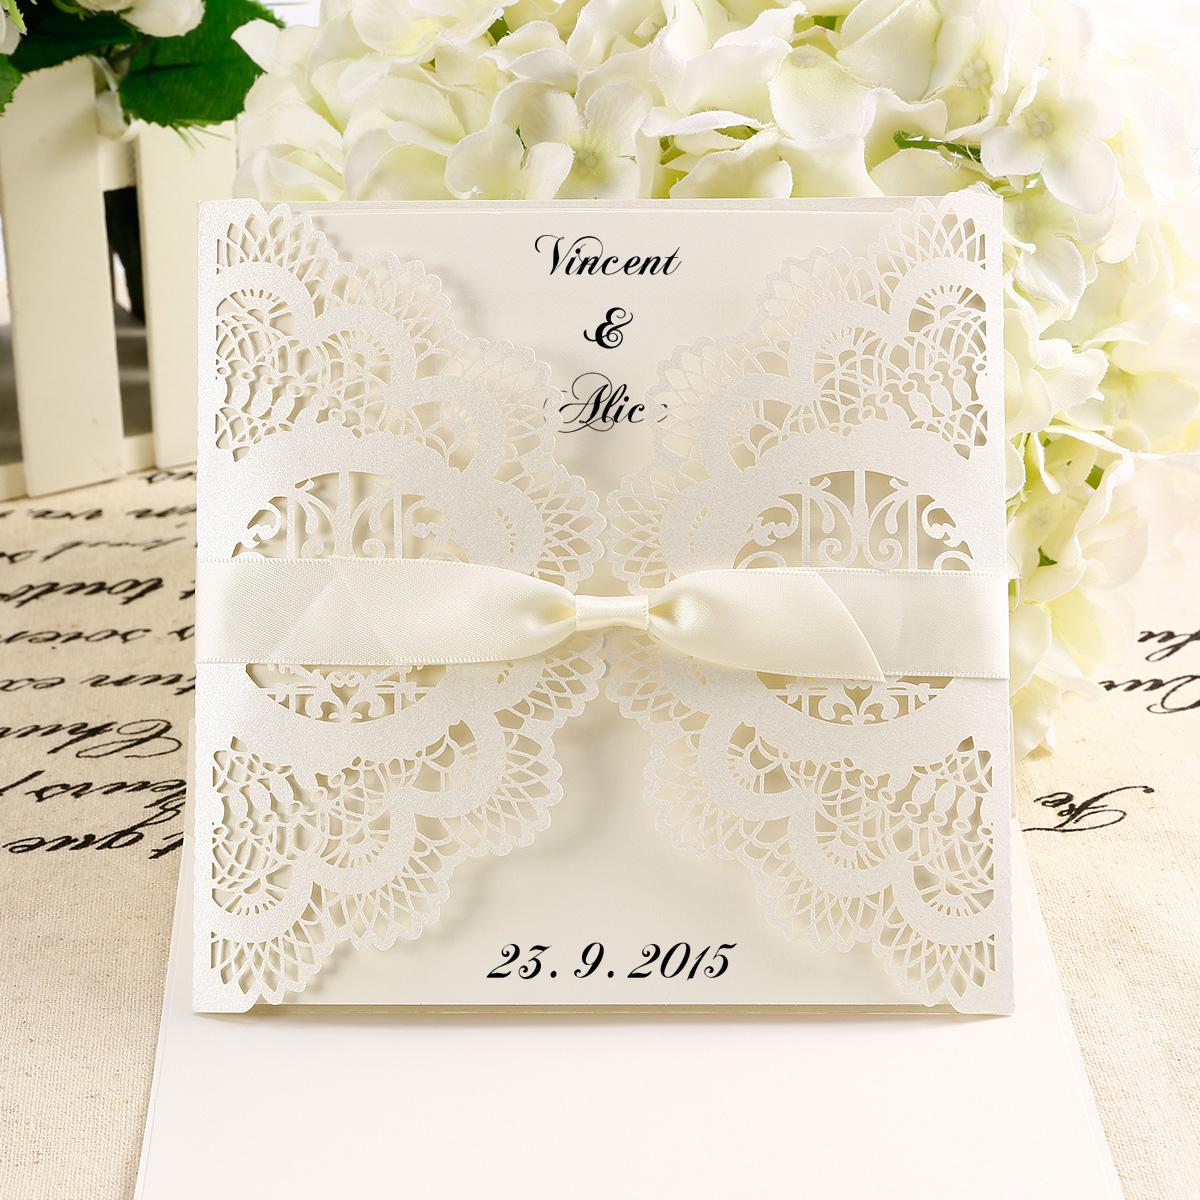 Wedding Invitation Diy 10x Diy Laser Cut Lace Wedding Invitations Card Envelope W Ribbon